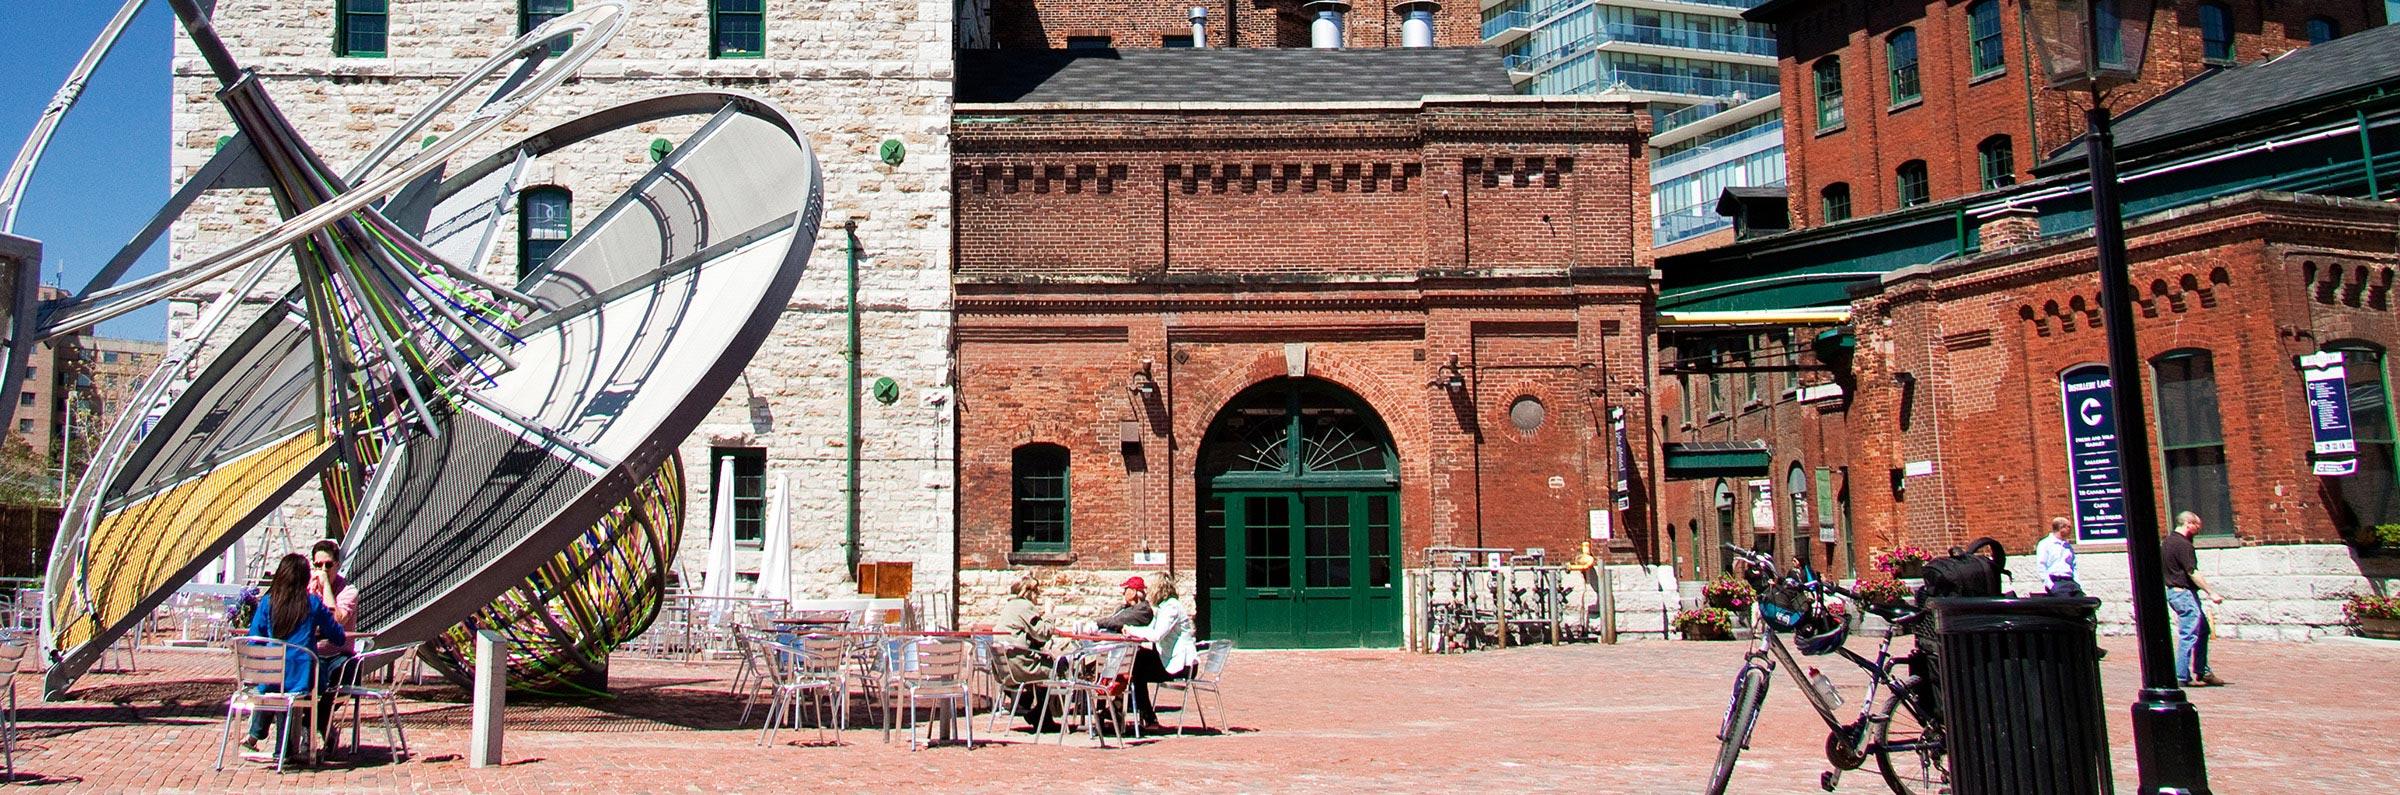 Luoghi e attrazioni in Toronto